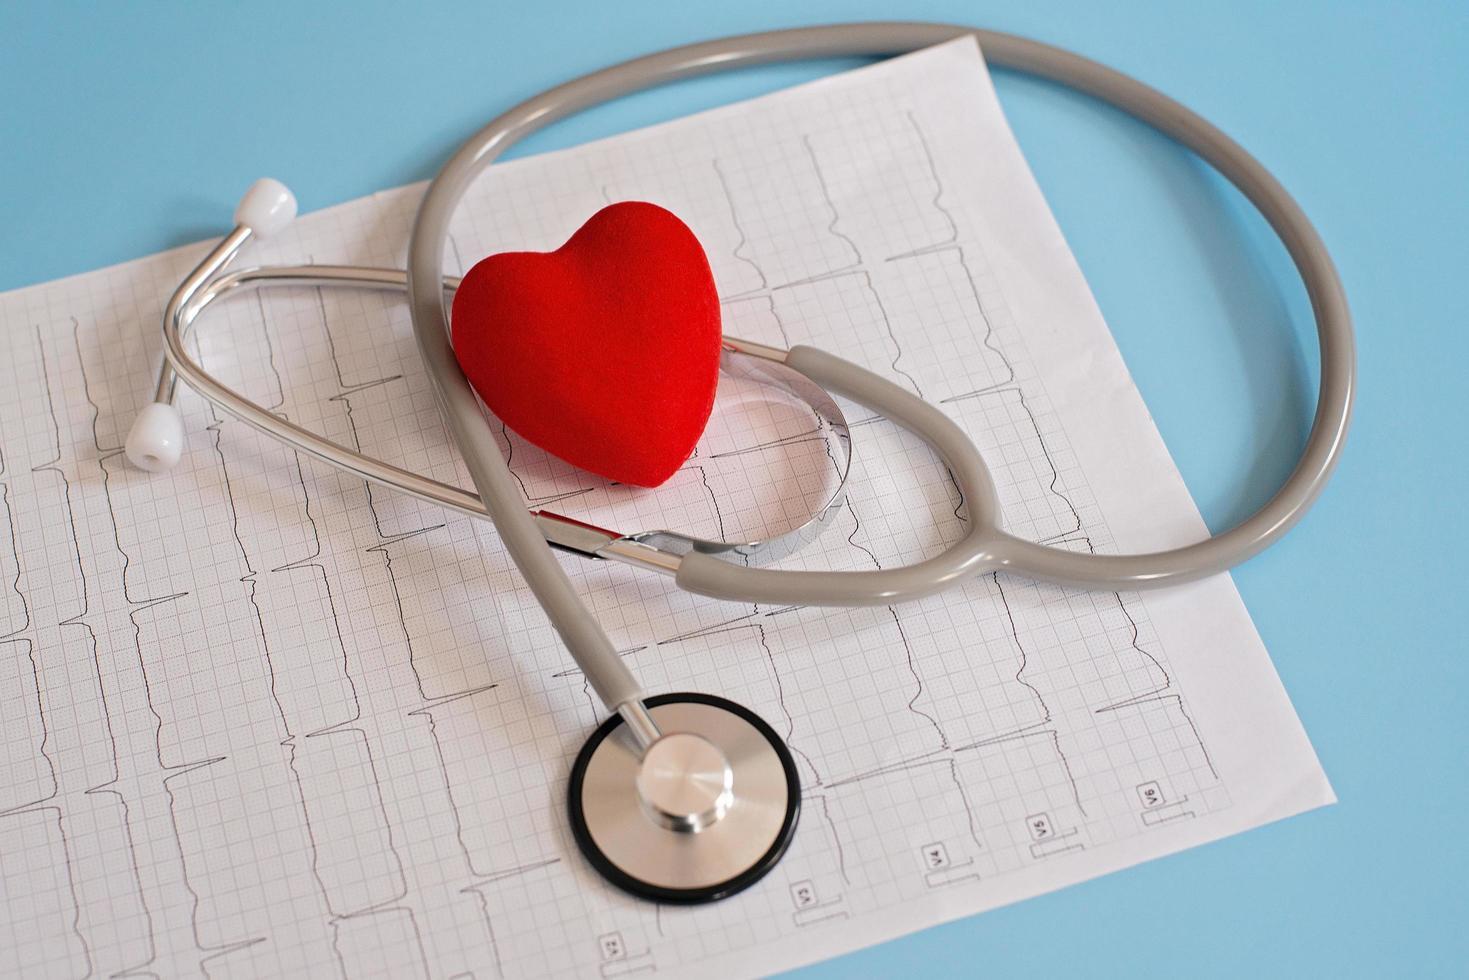 stéthoscope médical et coeur rouge allongé sur un cardiogramme. cardiothérapeute, moniteur de fréquence cardiaque, physique cardiaque, photo